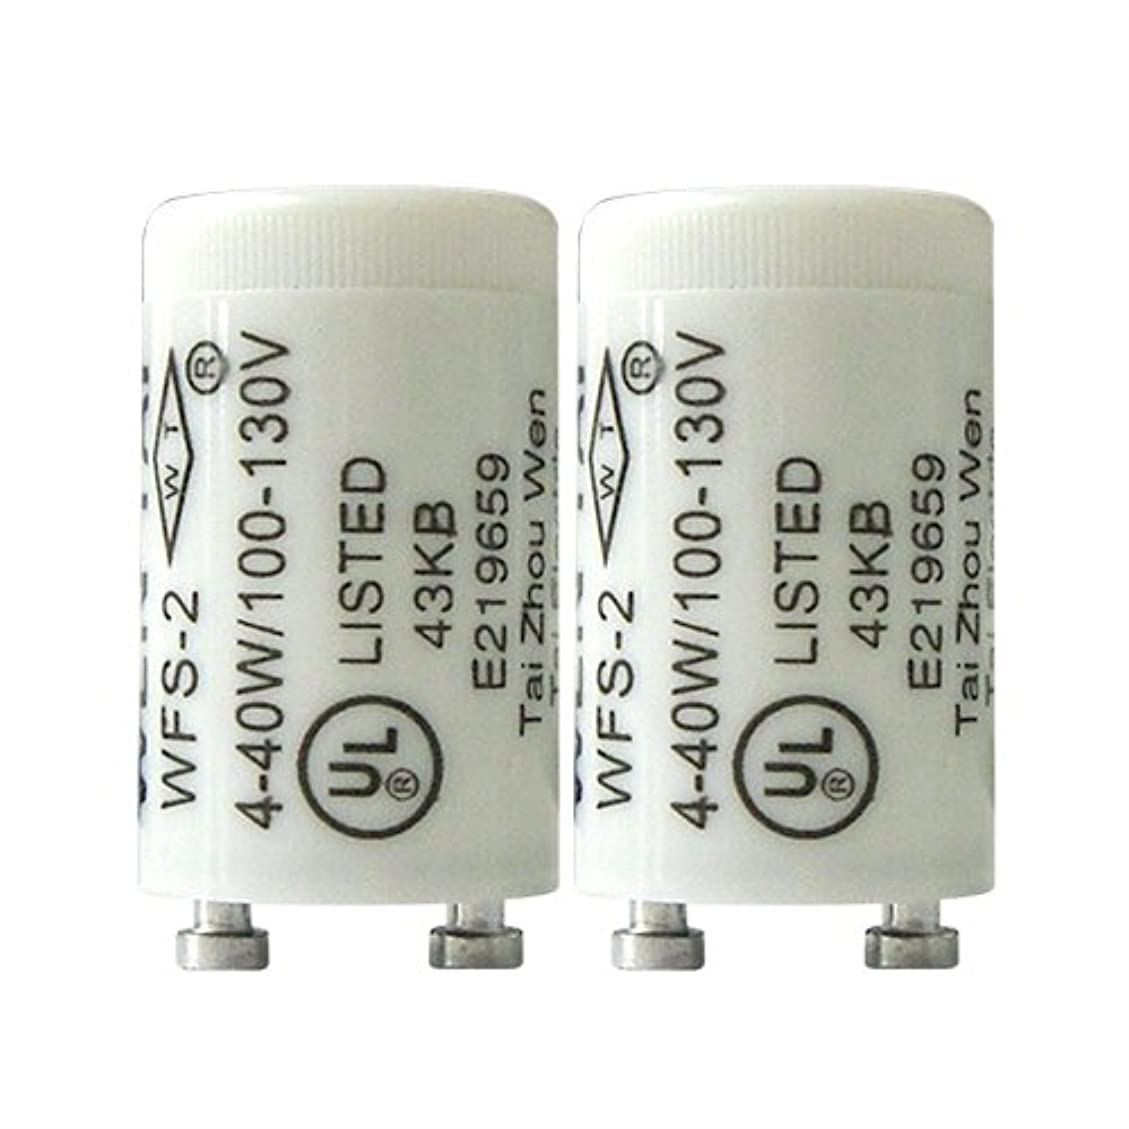 れんがペチュランス患者家庭用日焼けマシン ネオタン用 S2グロースターター(S-2タイプ) x2個